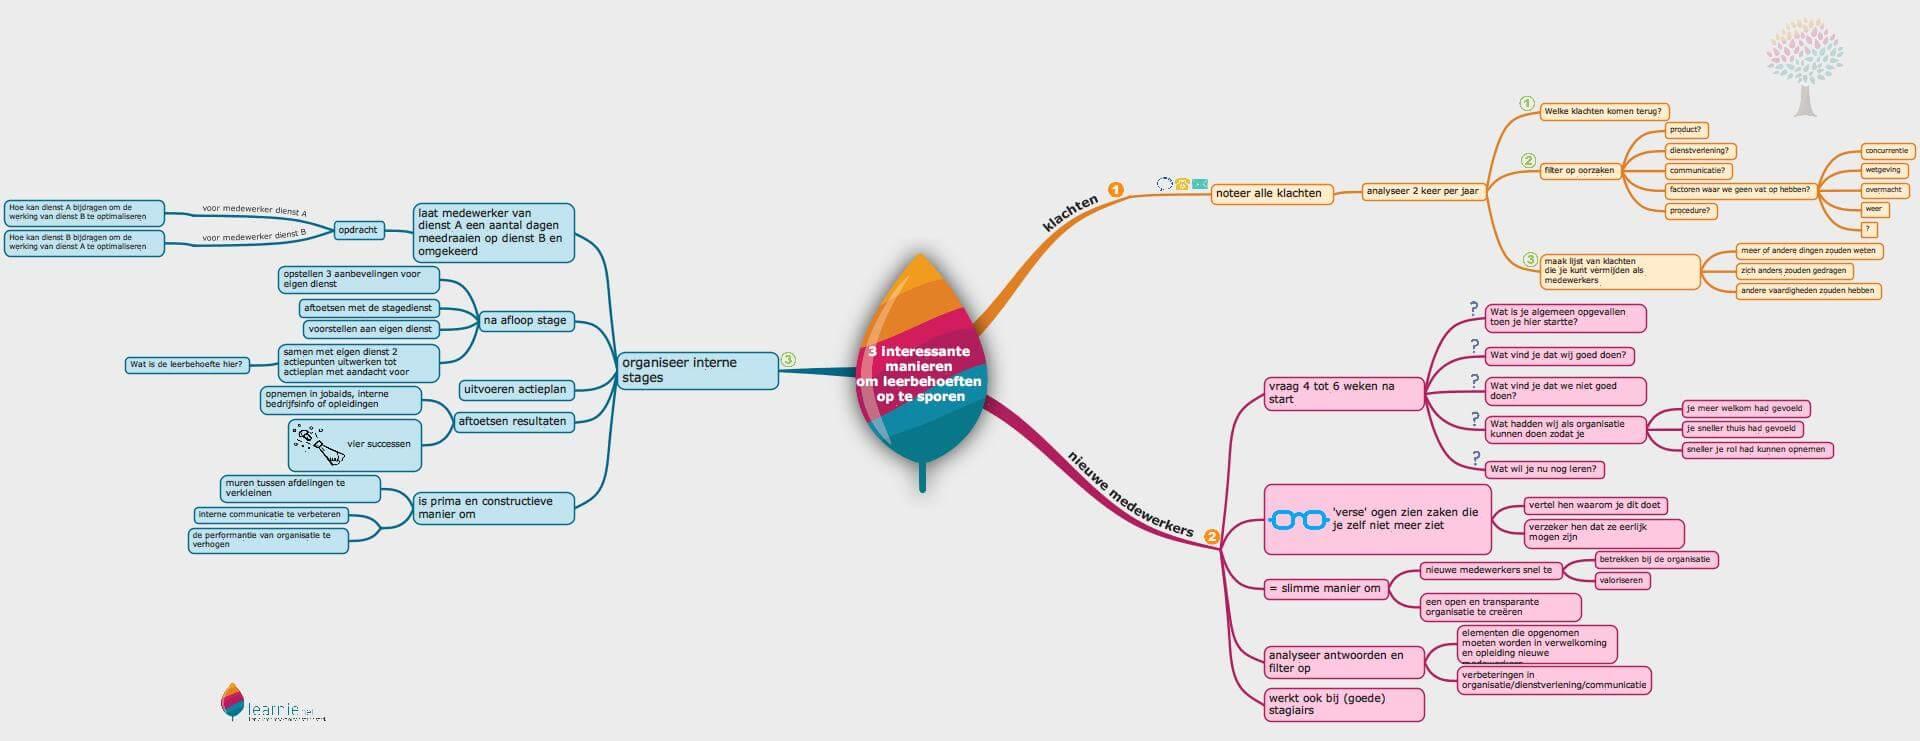 3-interessante-manieren-om-leerbehoeften-op-te-sporen